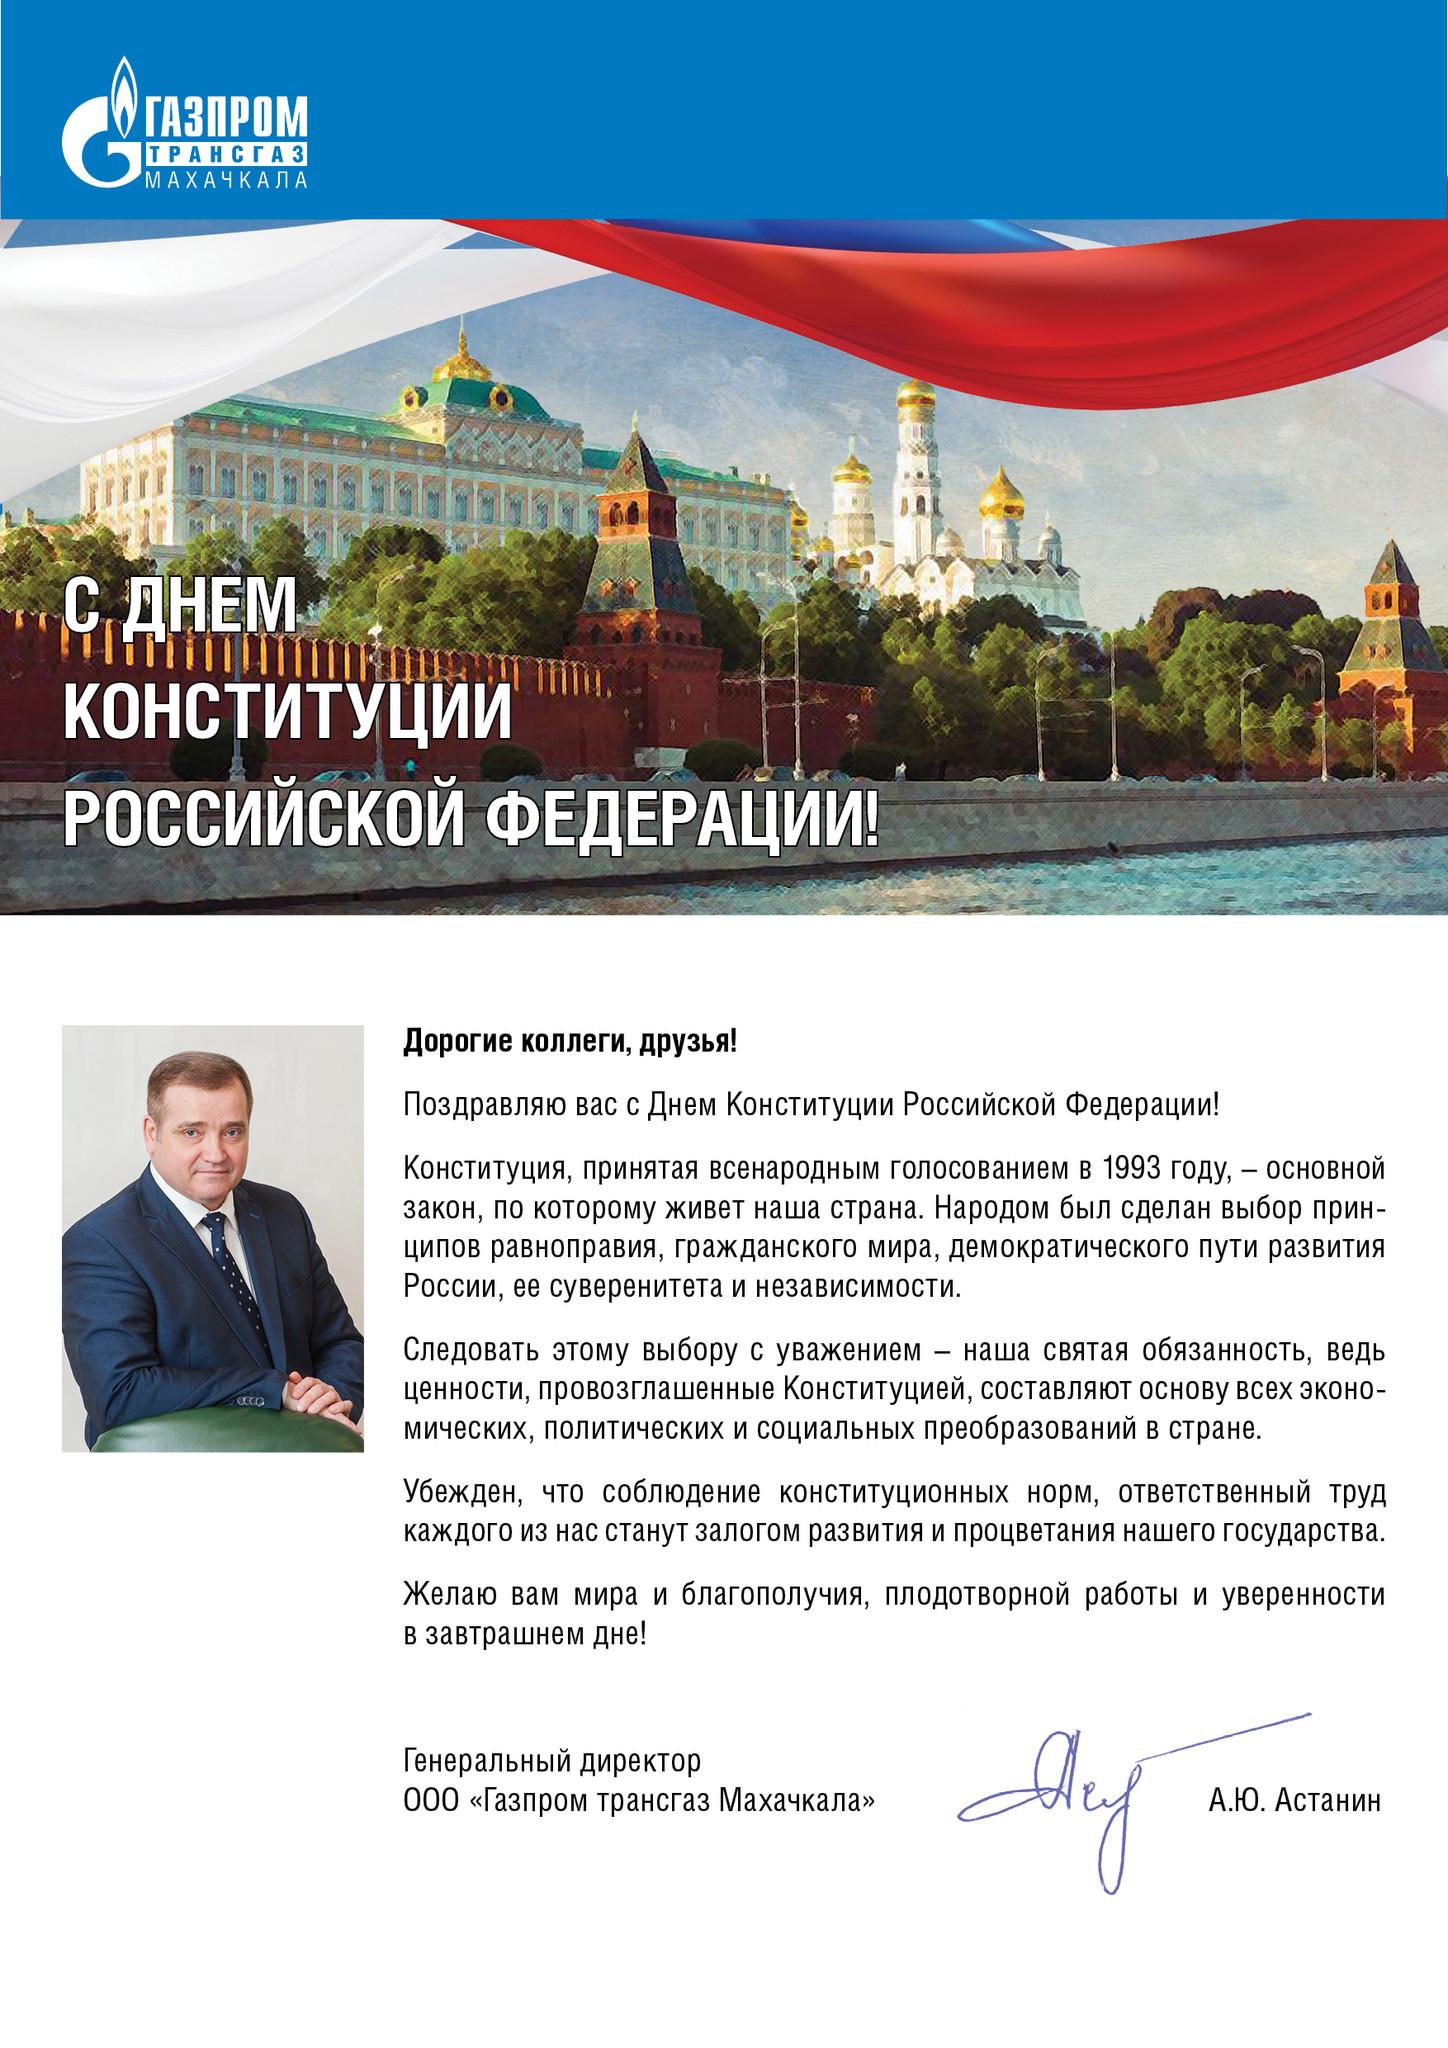 Поздравление день конституции от губернатора